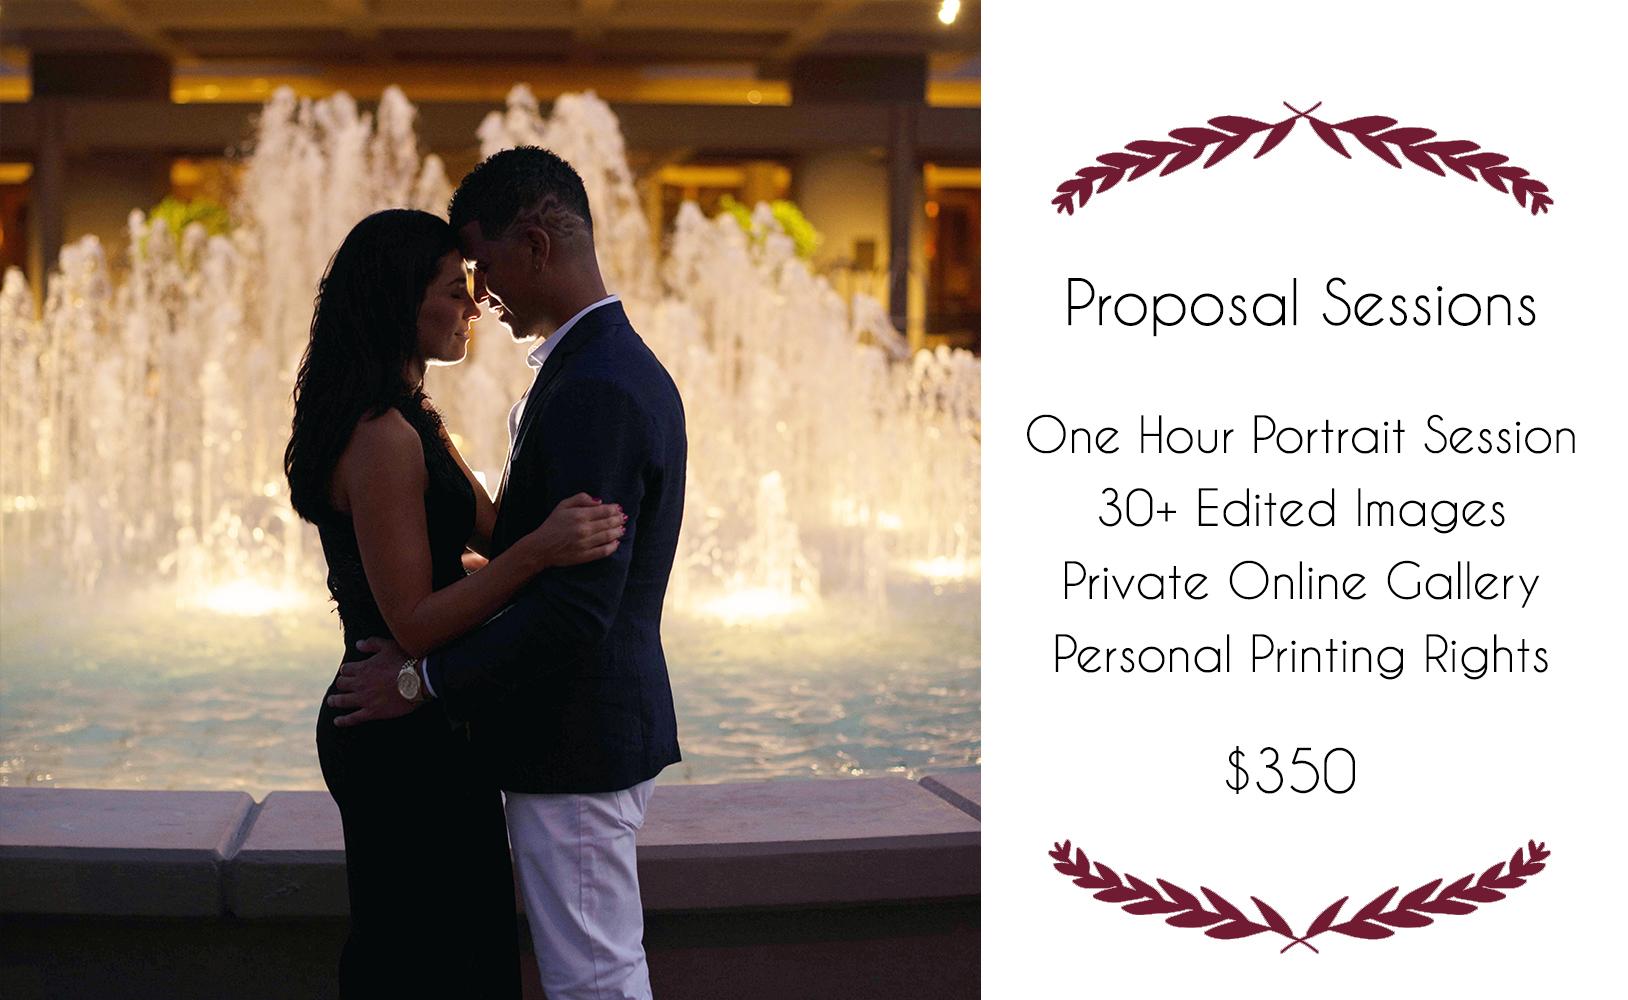 Proposalpricing17